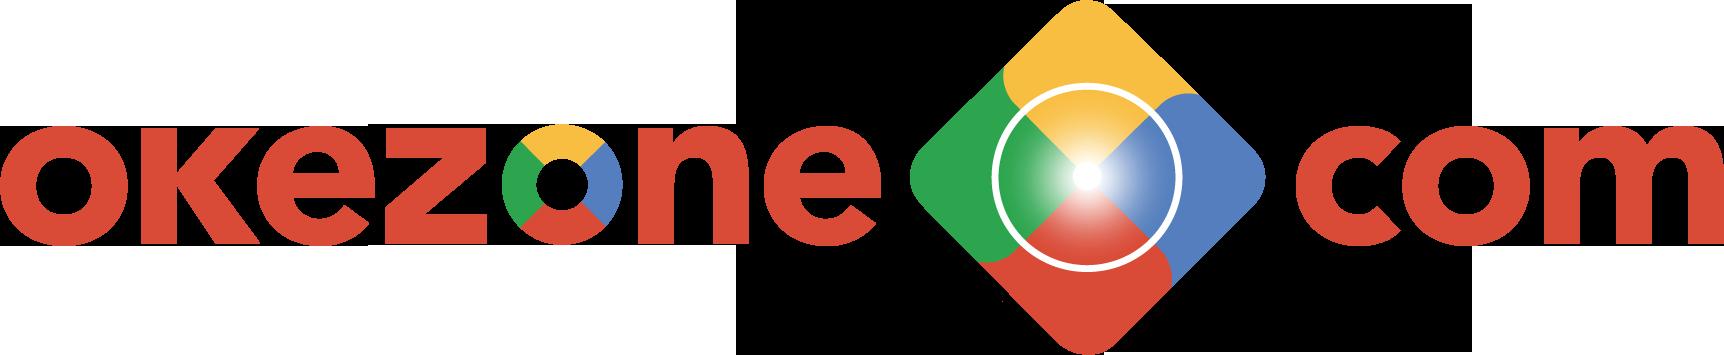 Hasil gambar untuk logo okezone.com png